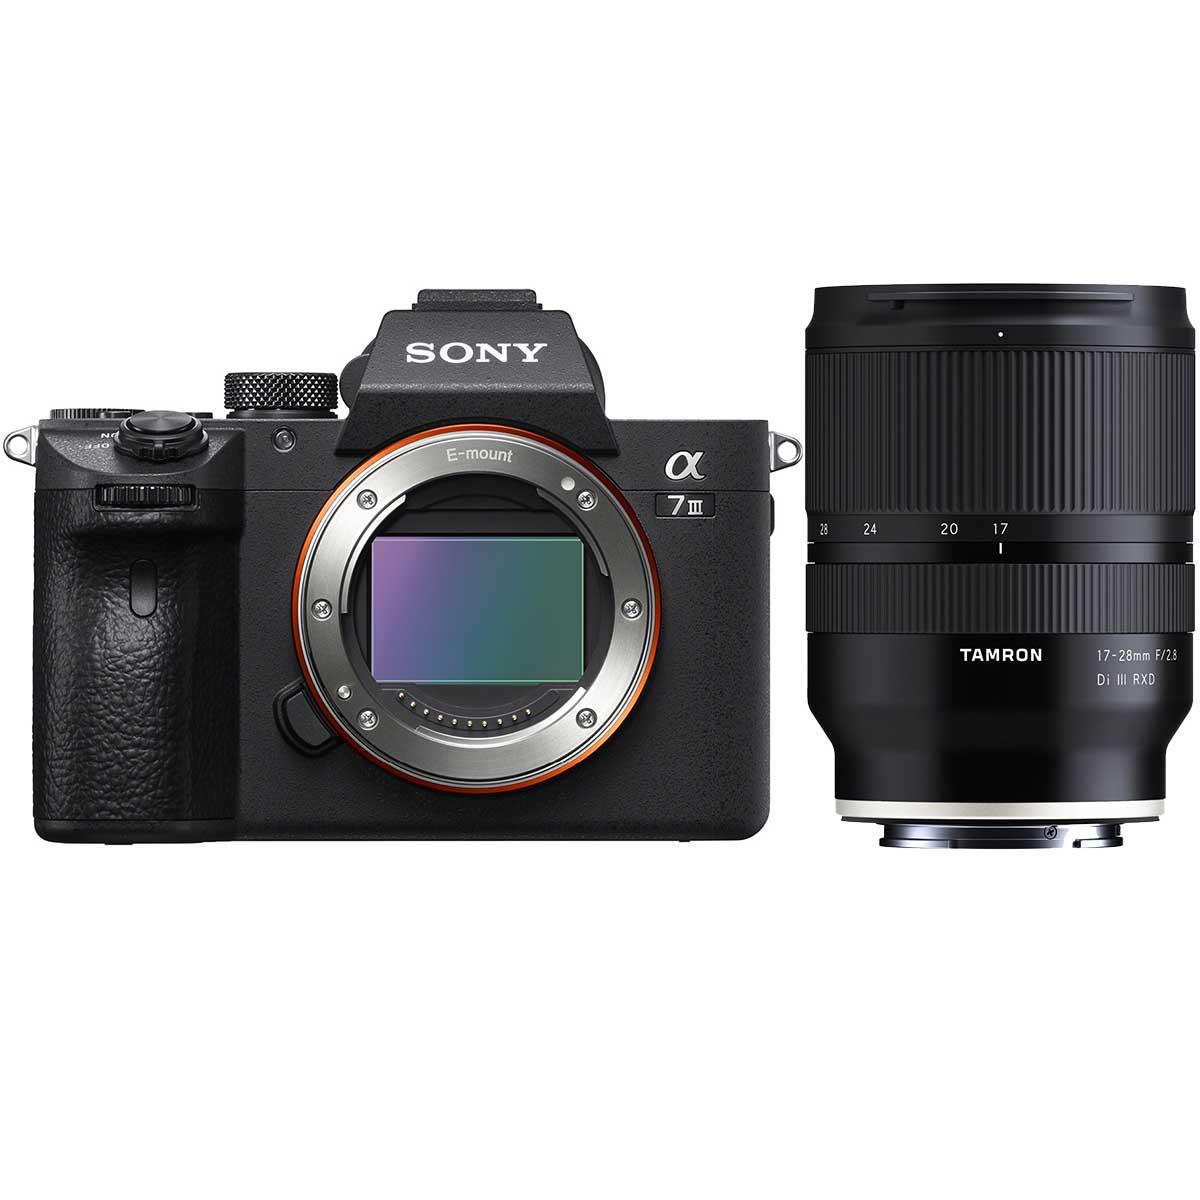 Sony Alpha 7 III + Tamron 17-28mm 1:2,8 Di III RXD